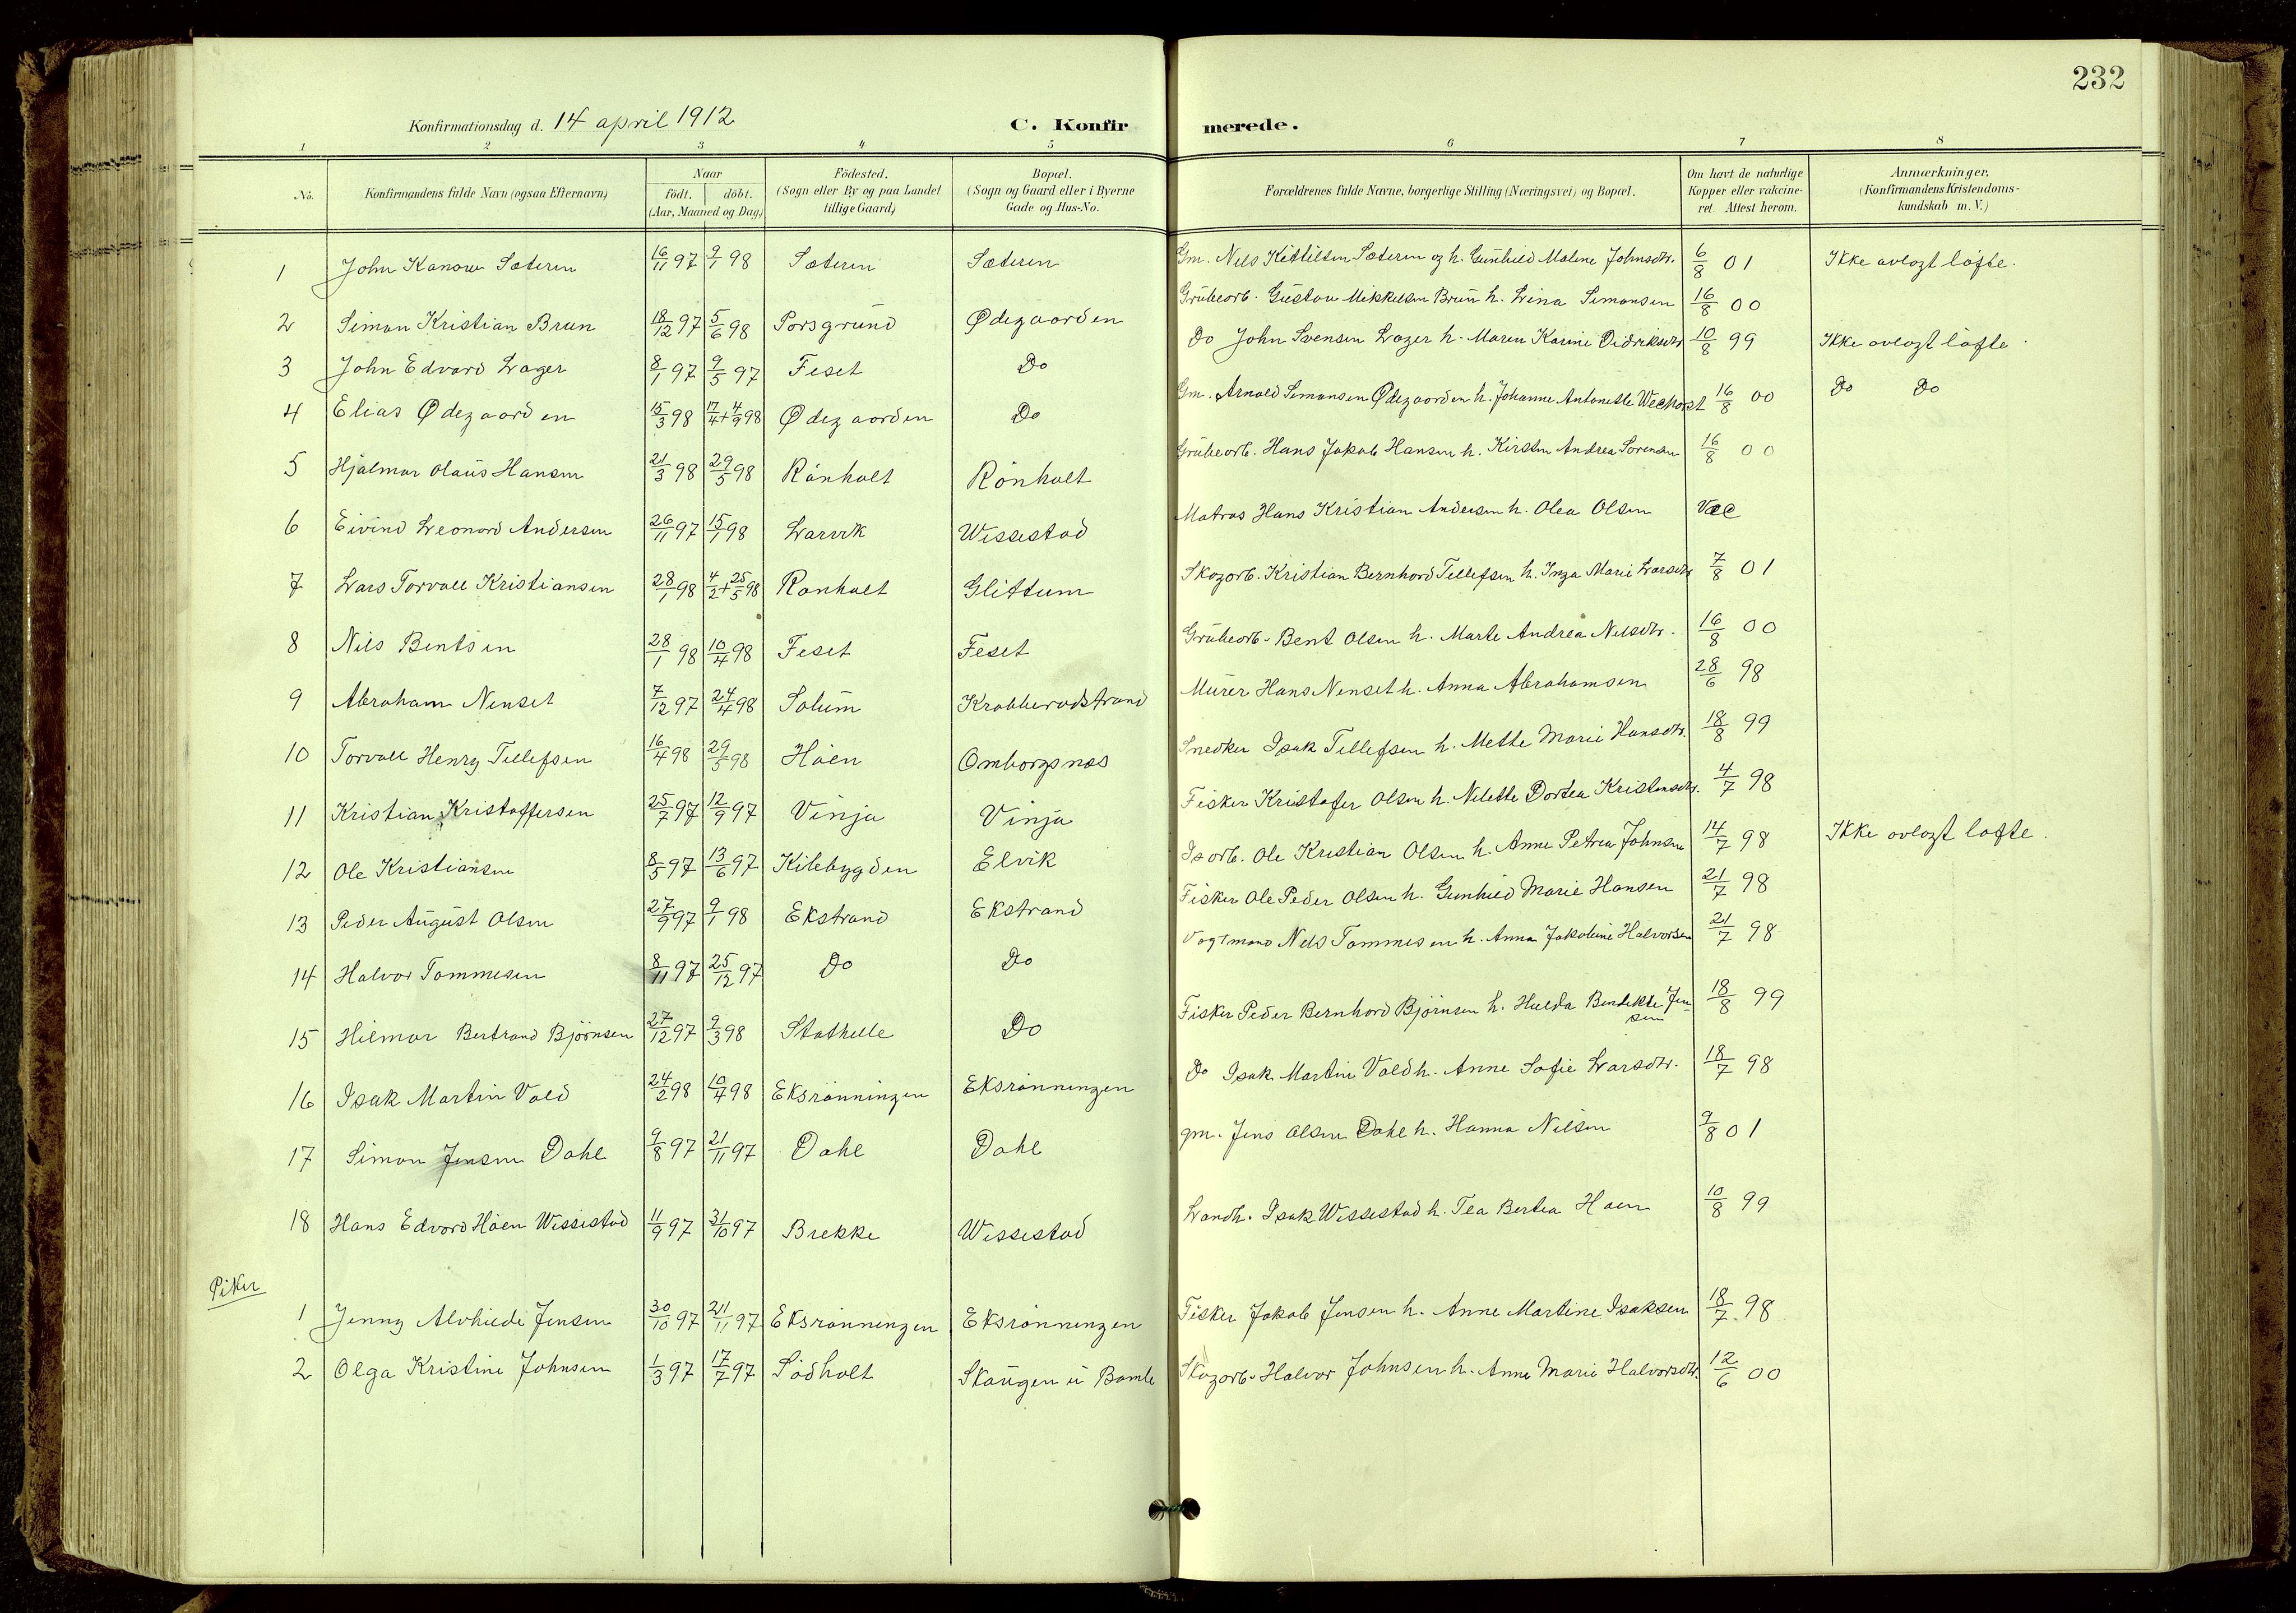 SAKO, Bamble kirkebøker, G/Ga/L0010: Klokkerbok nr. I 10, 1901-1919, s. 232